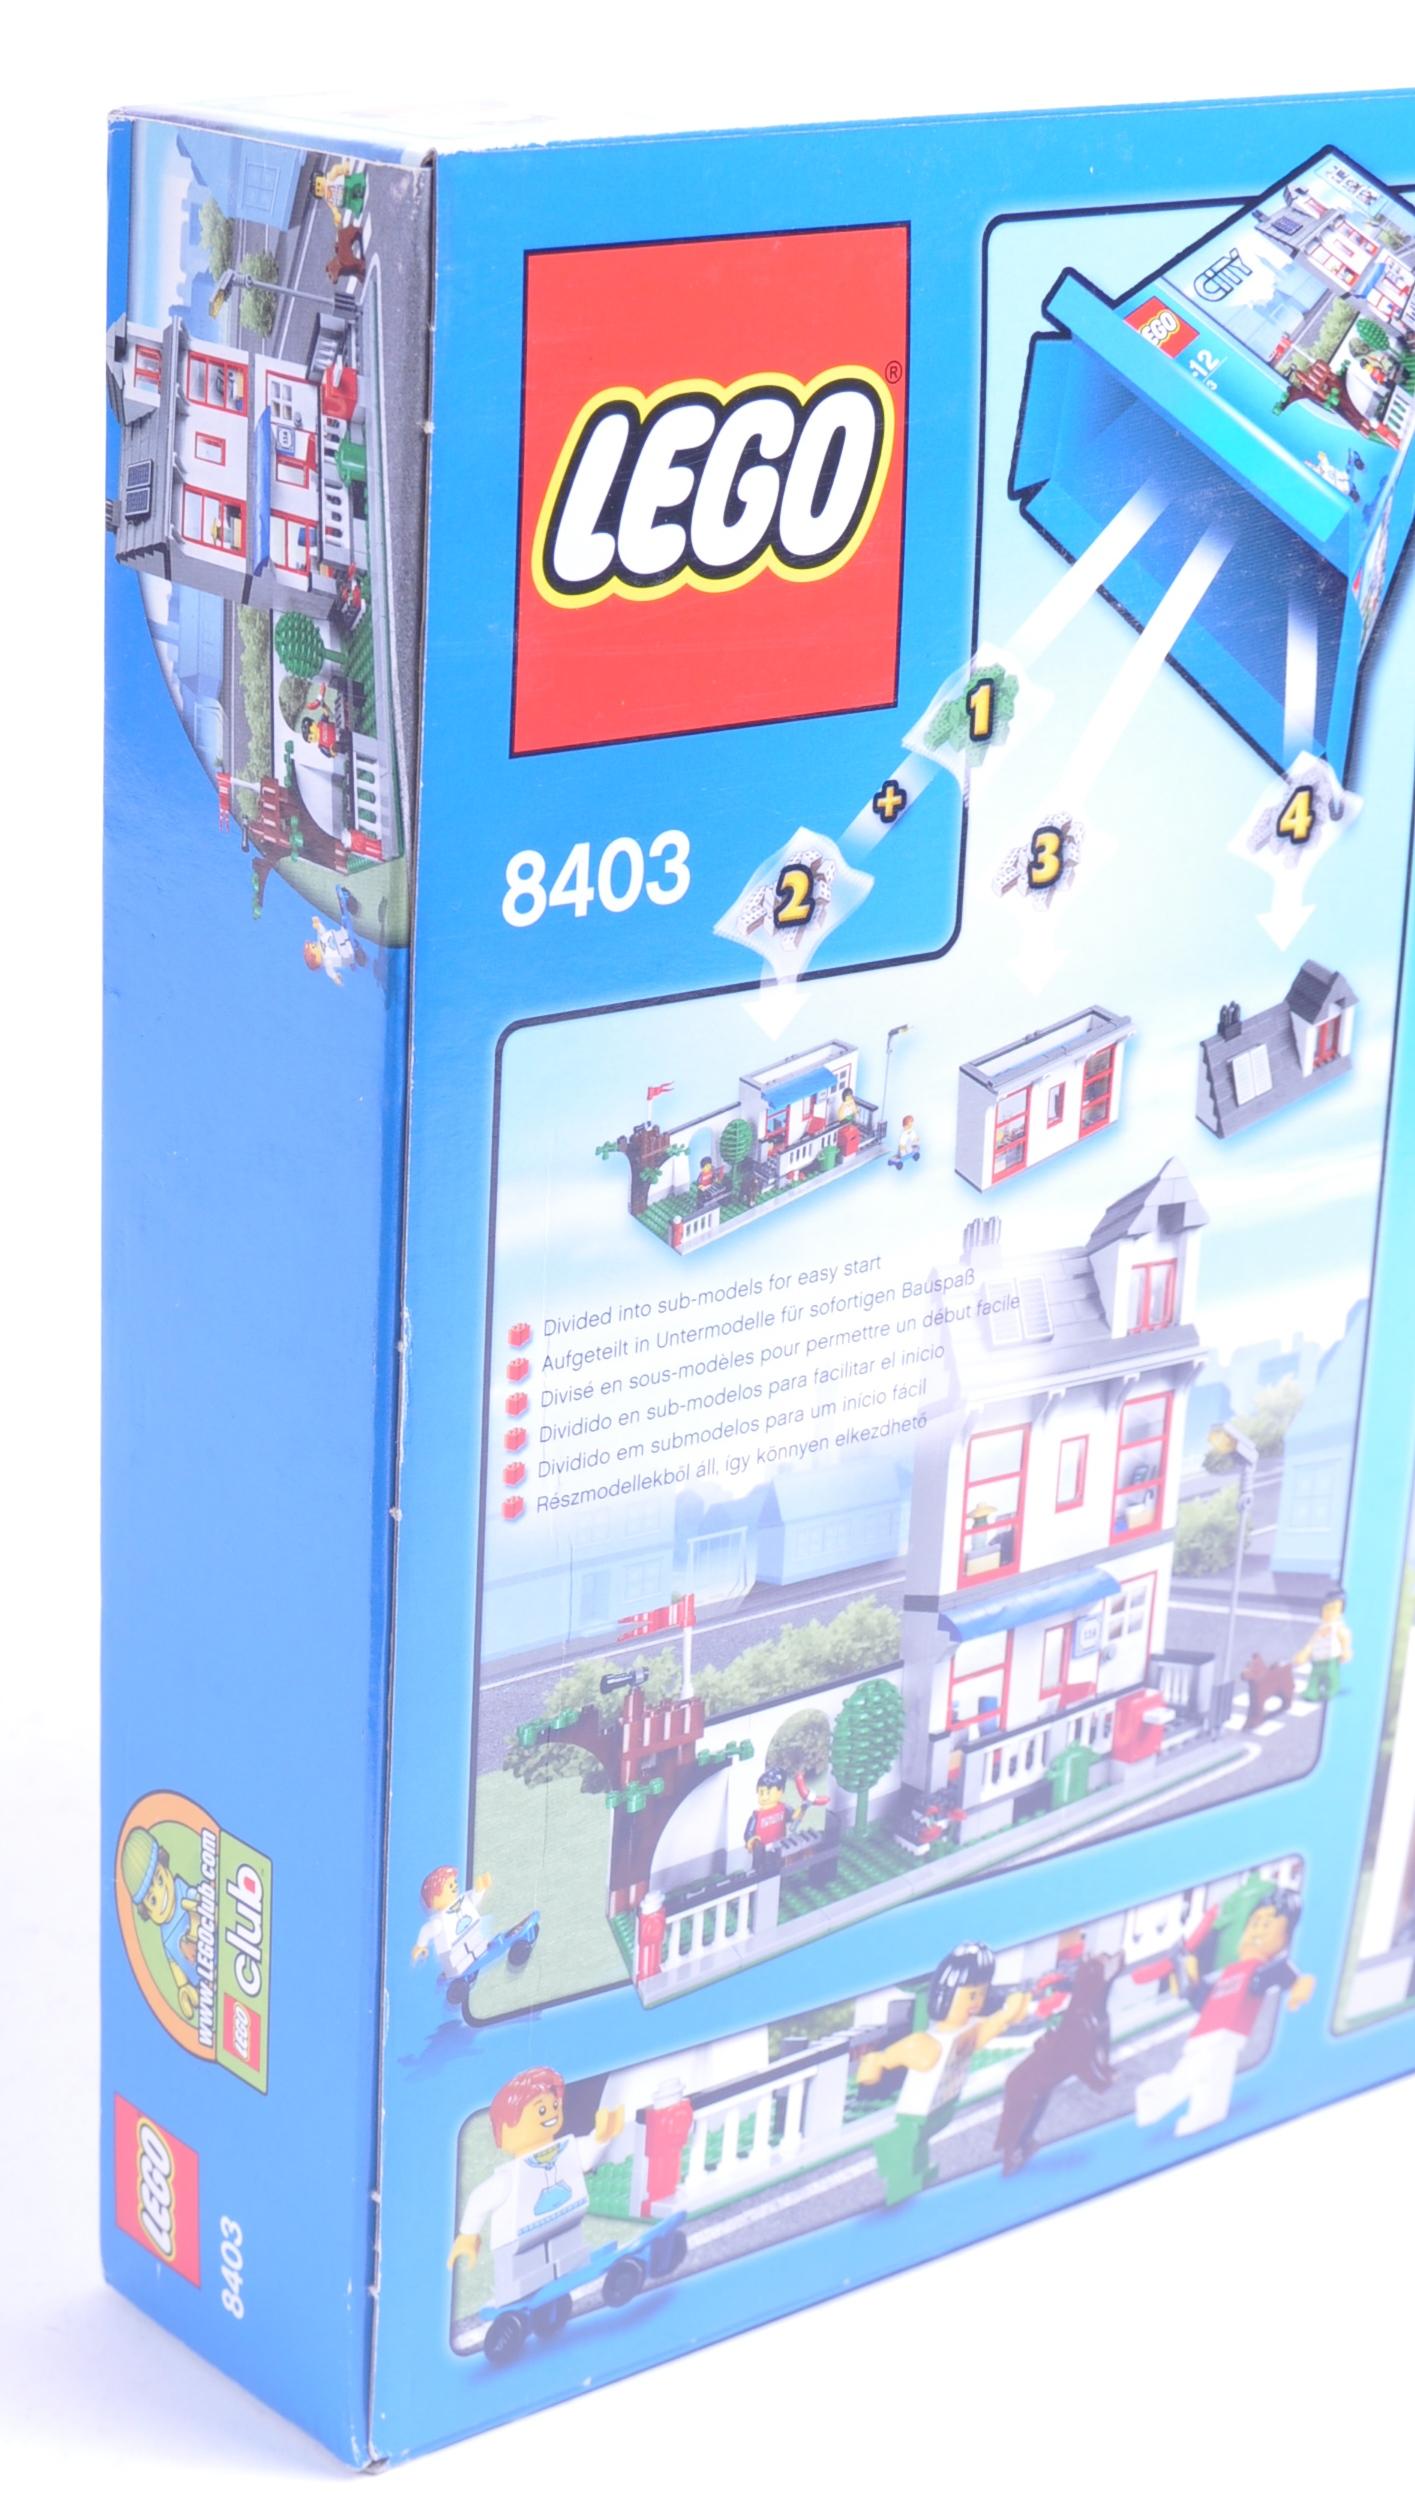 LEGO SET - LEGO CITY - 8403 - CITY HOUSE - Image 4 of 4